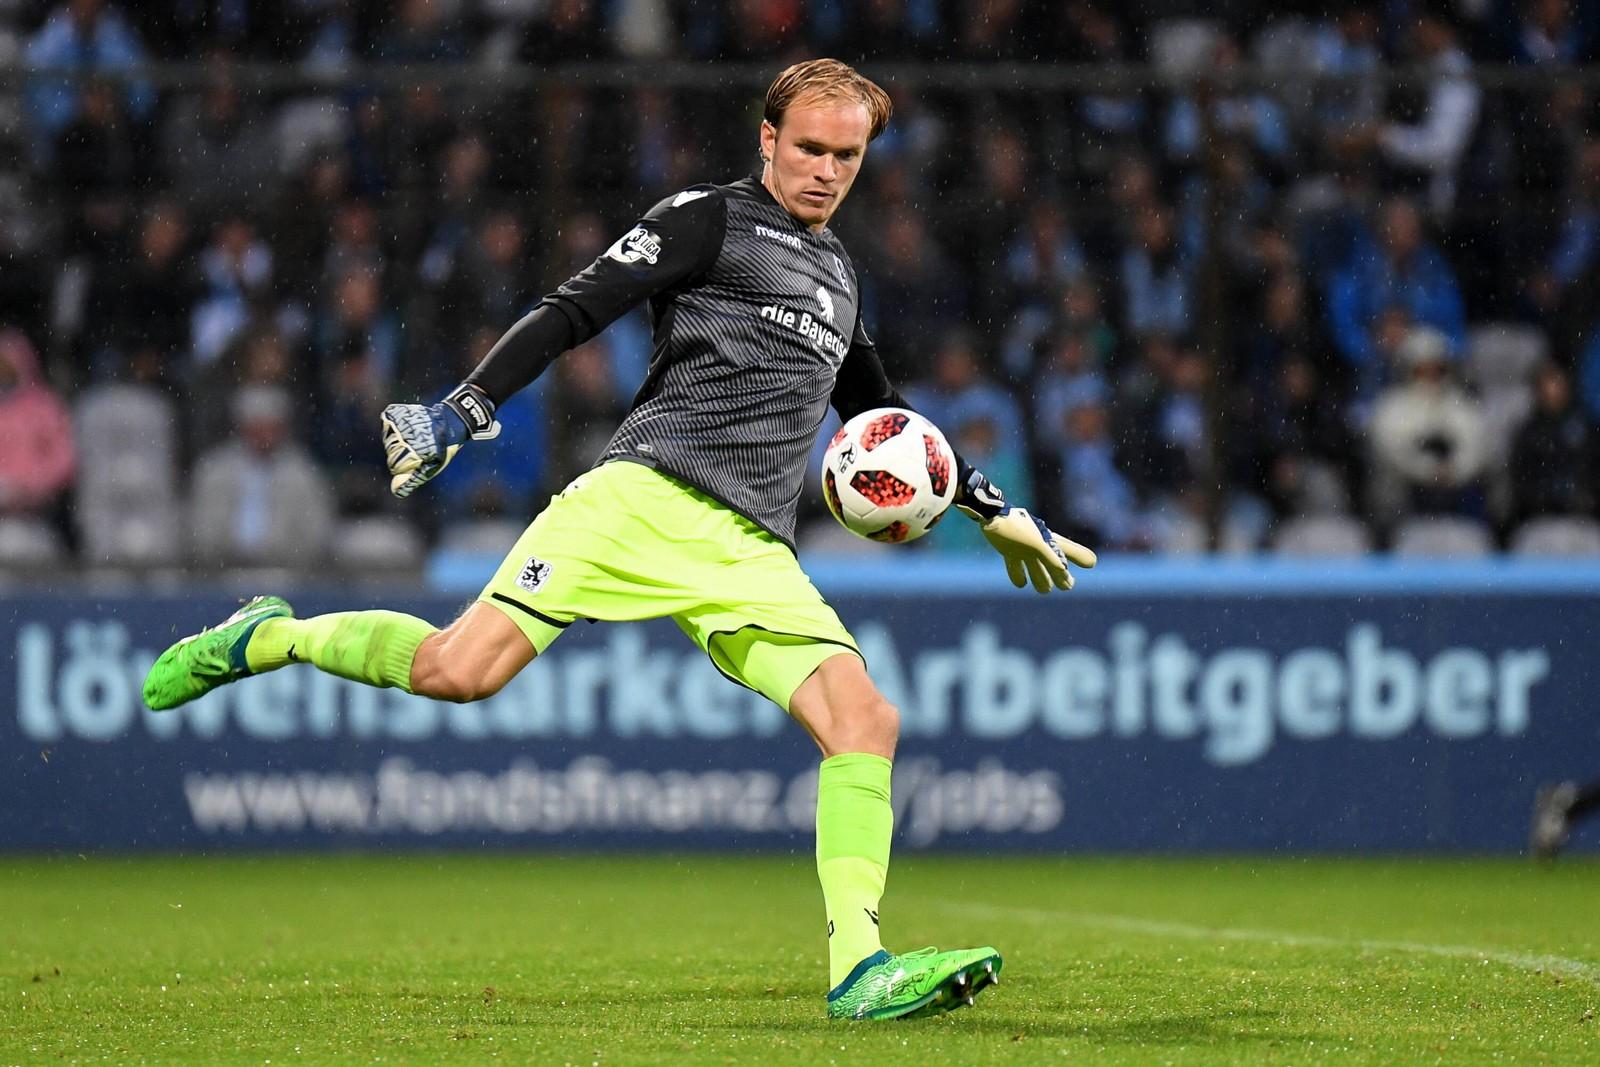 Hendrik Bonmann im Spiel gegen Cottbus.